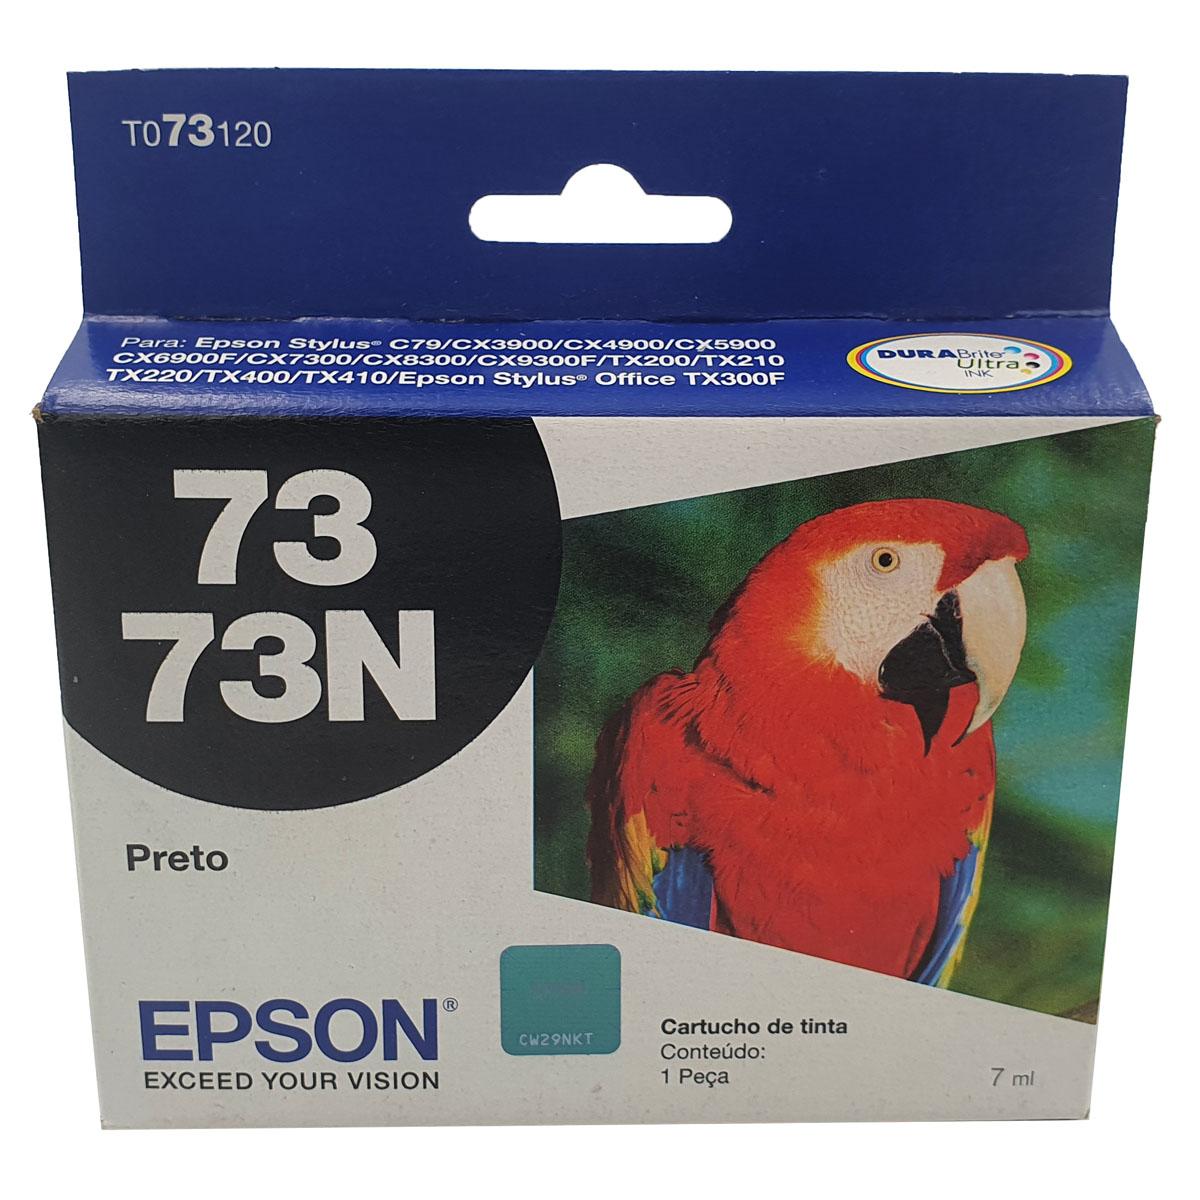 Cartucho EPSON T073120 TO731 731 73n Preto para CX4900 c79 CX5900 CX7300